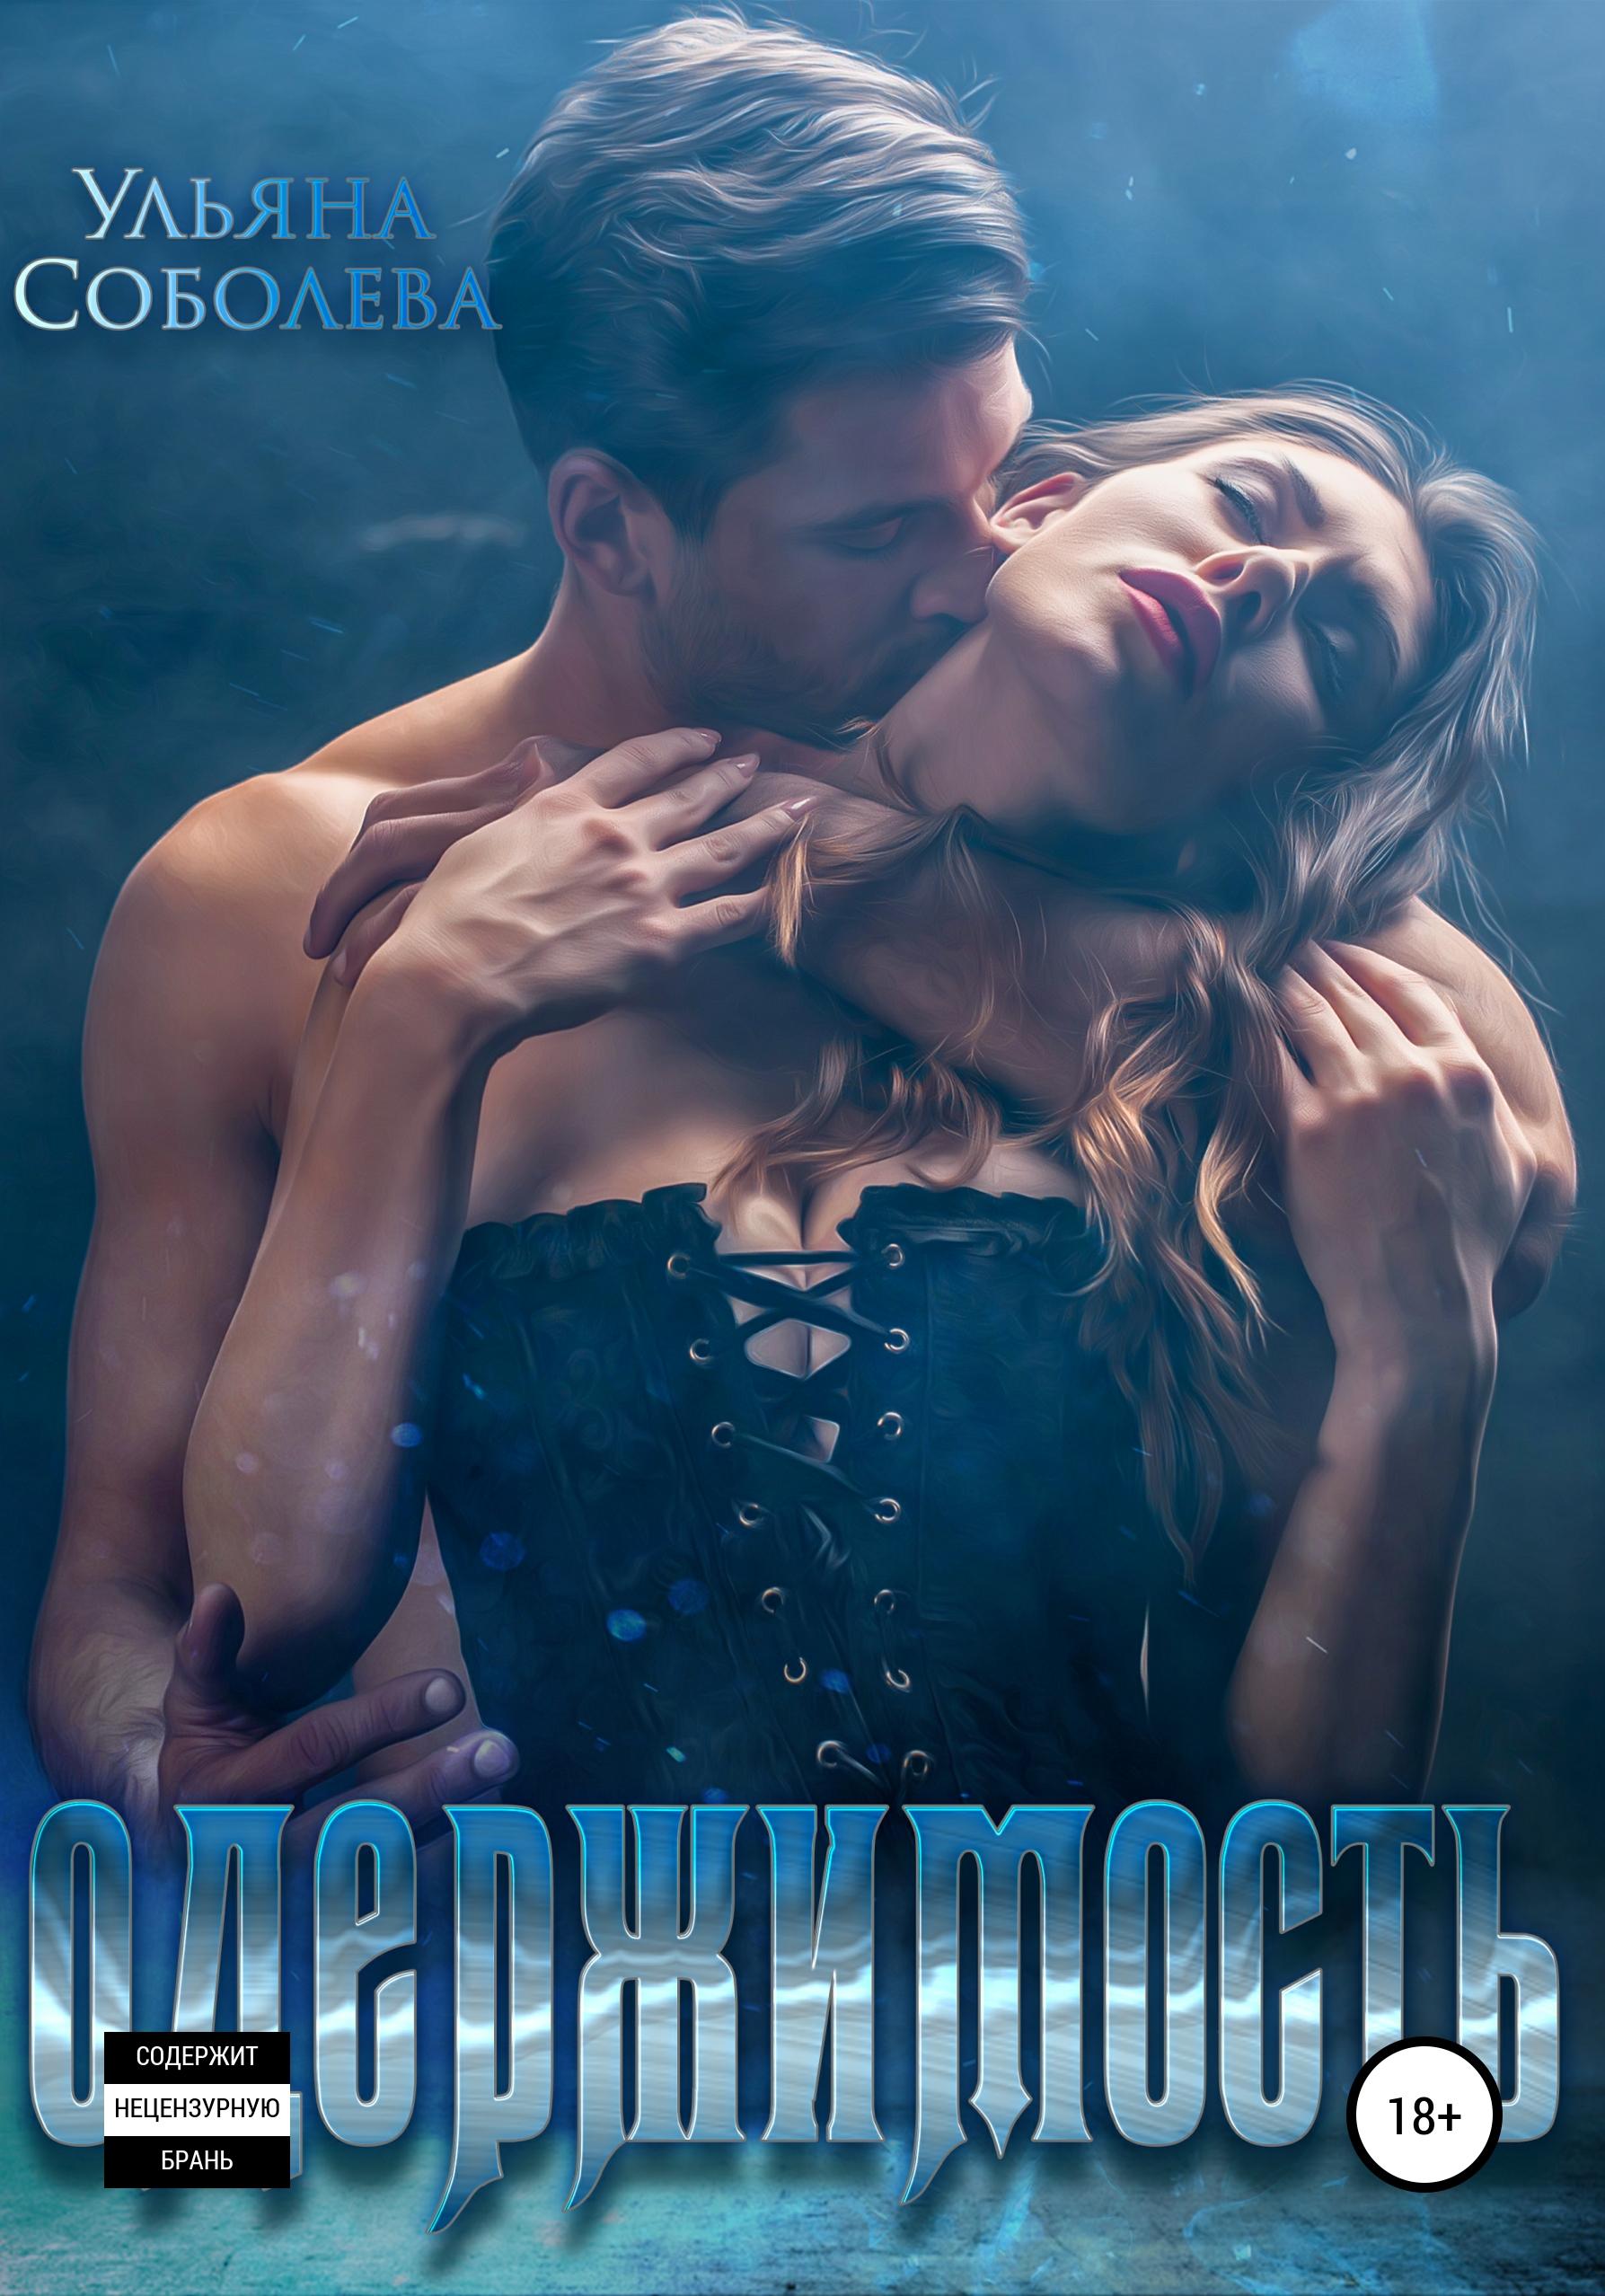 Ульяна Павловна Соболева Одержимость цена и фото